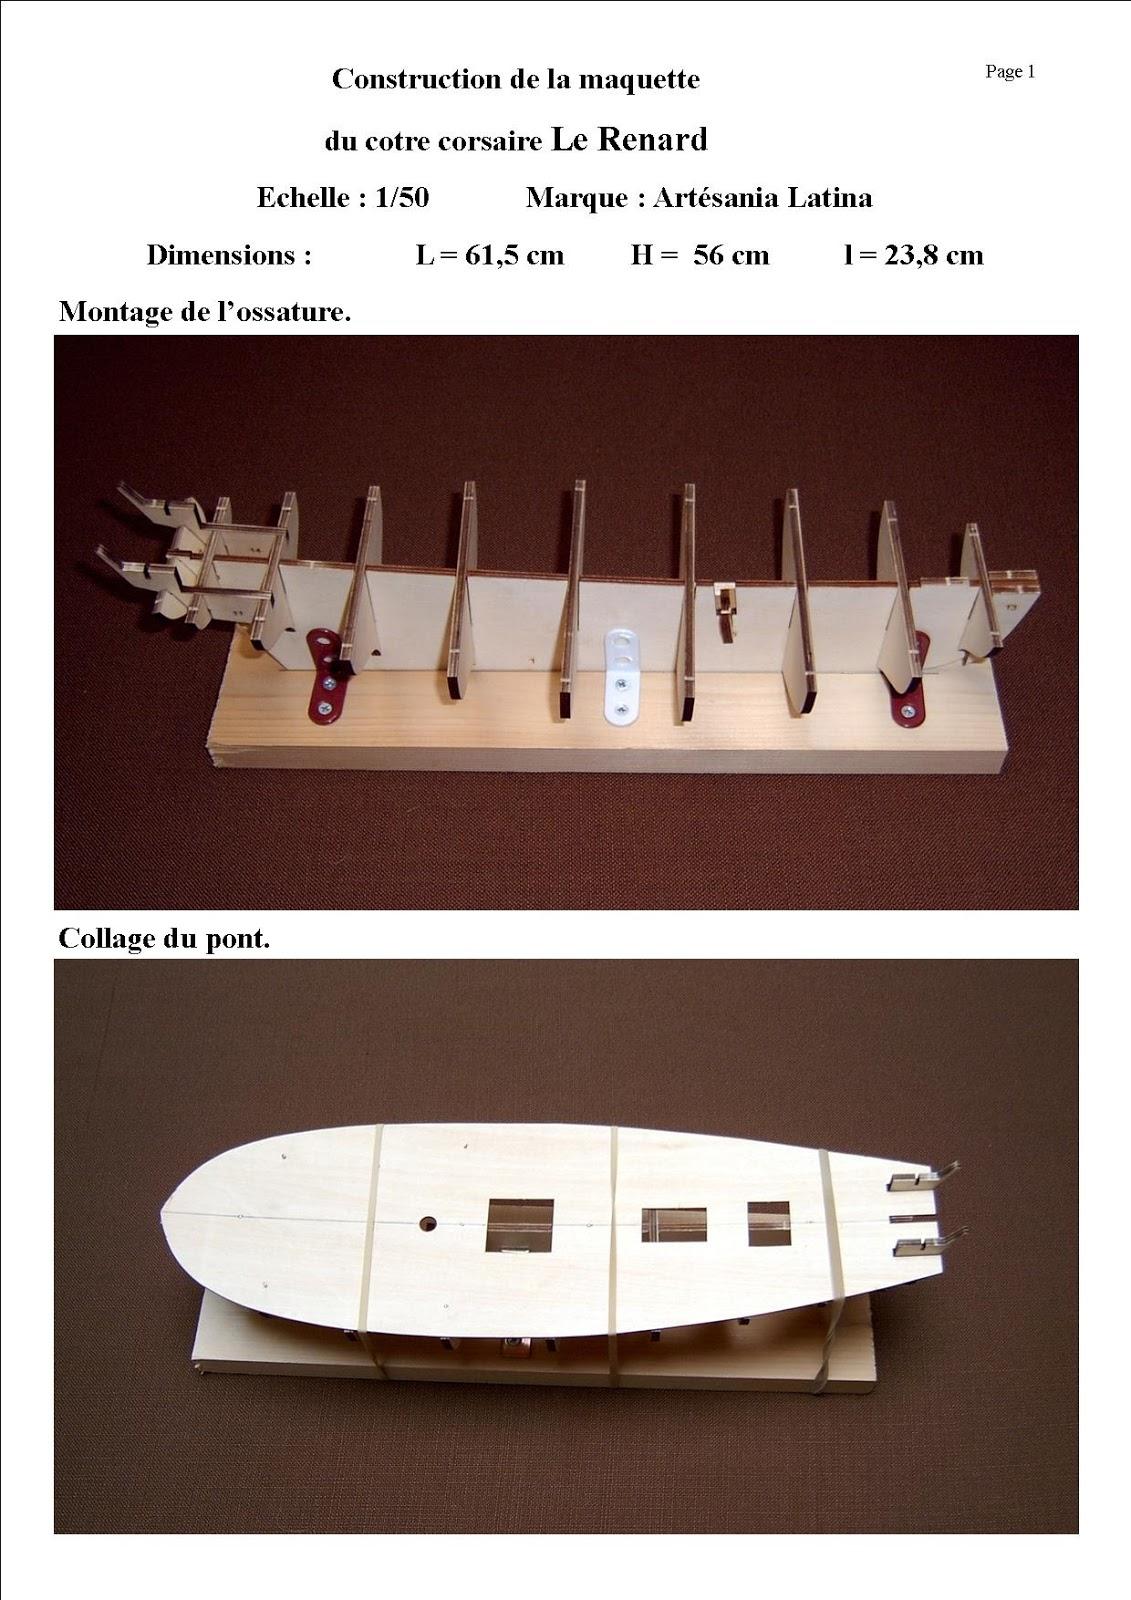 Maquettes de bateaux en bois: Maquette du cotre corsaire